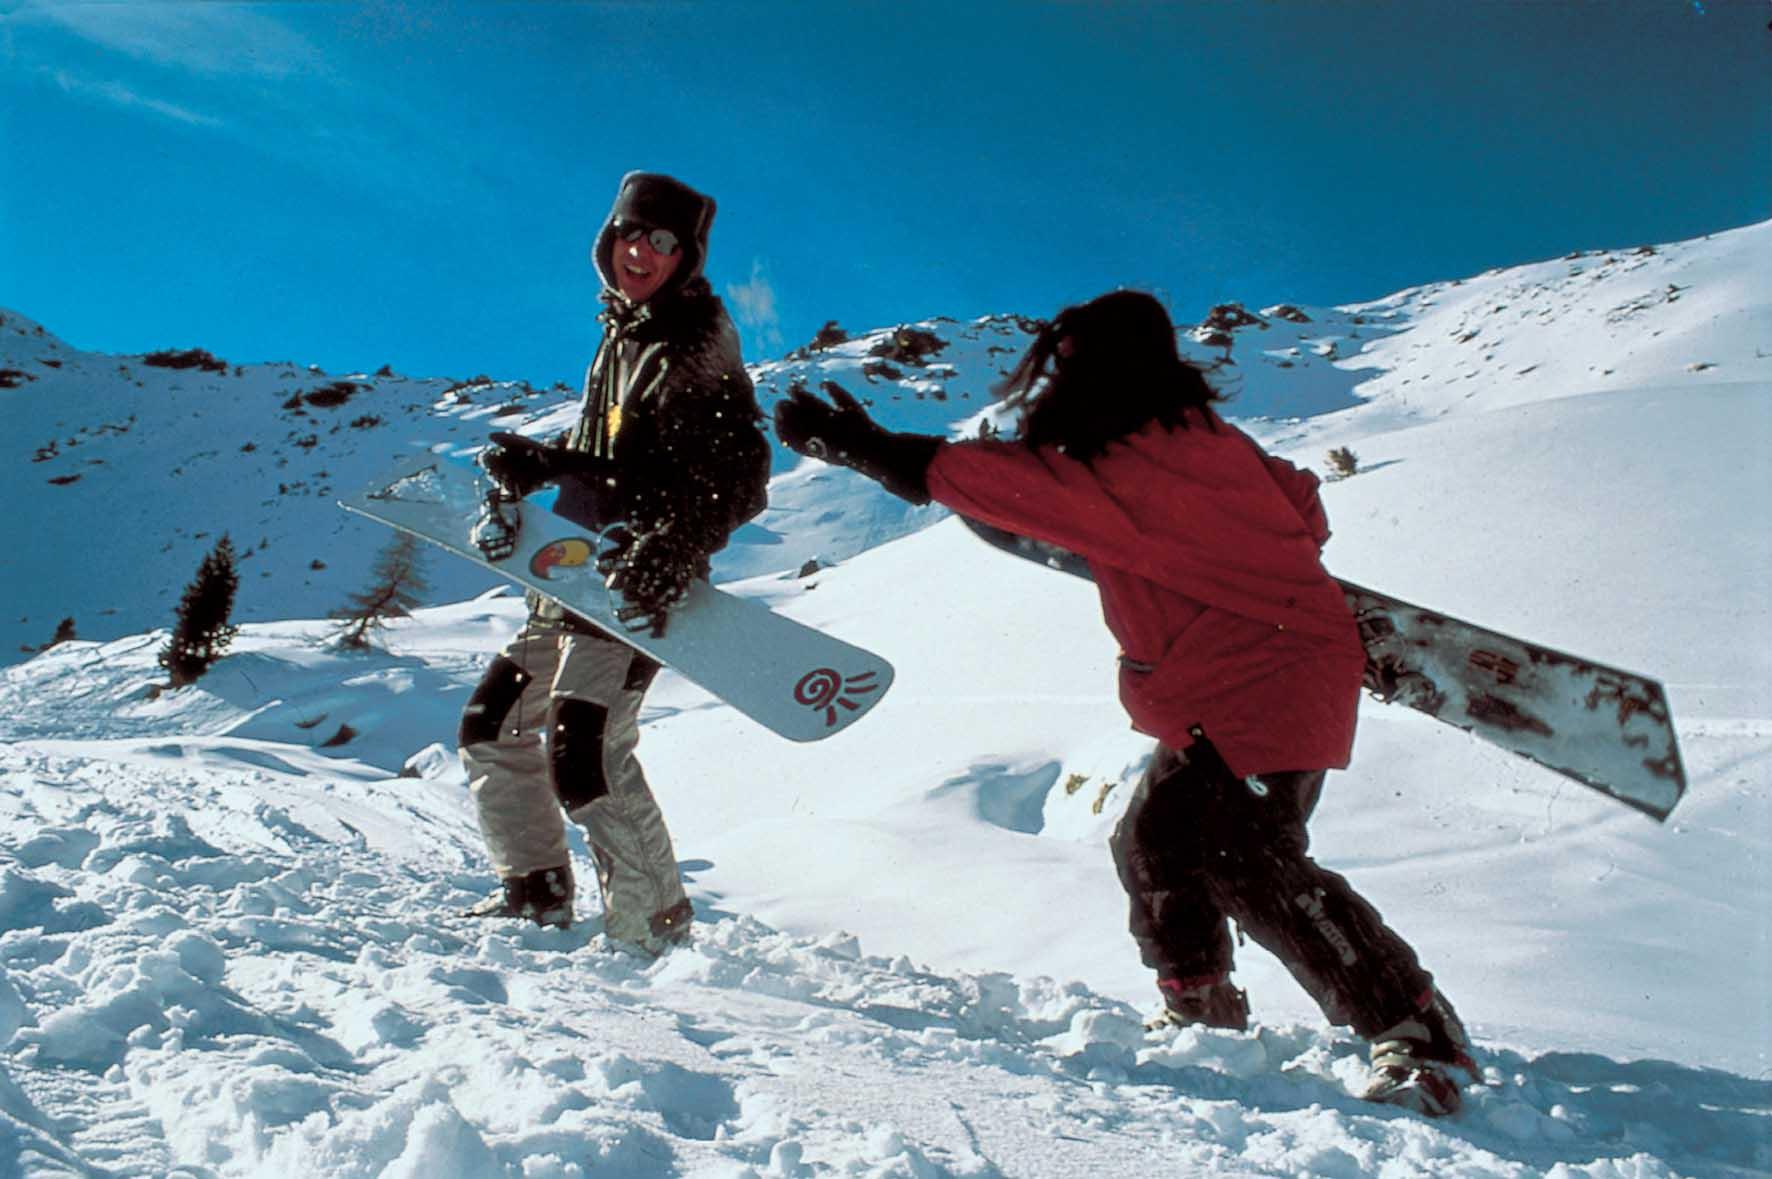 Alto Adige Sudtirolo sciatori snowboard foto tappainer 1